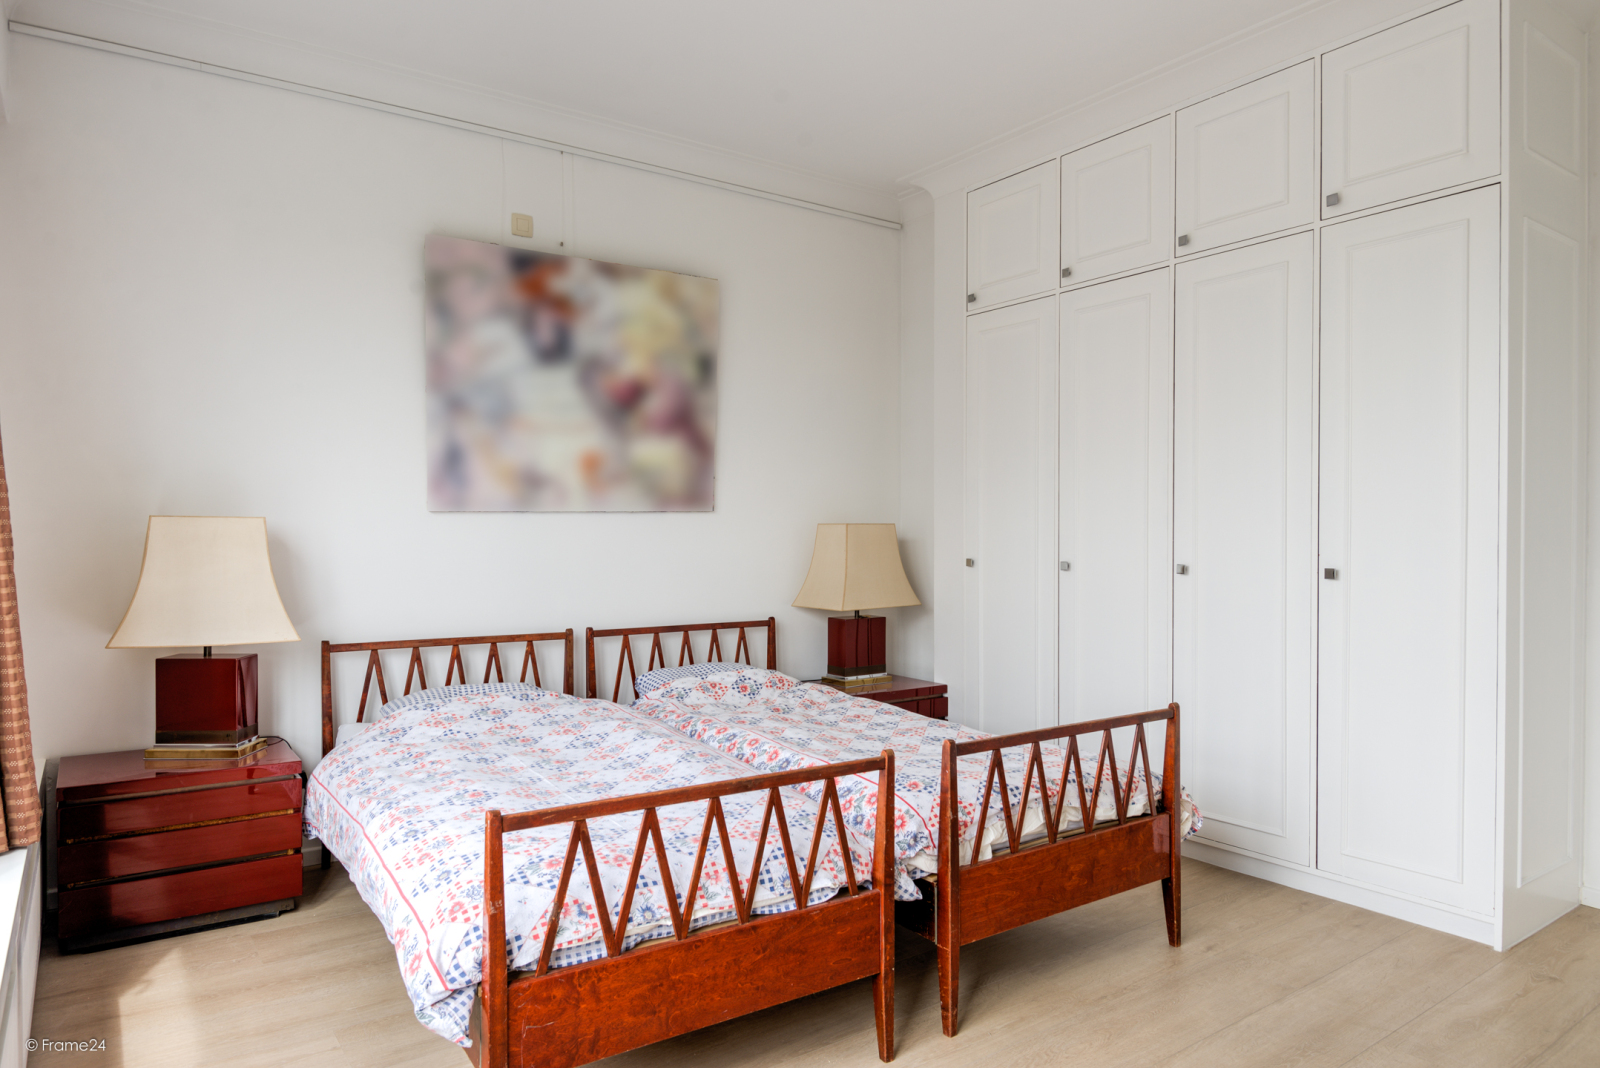 Uitzonderlijk appartement (+/- 250m²) met panoramische uitzichten te Antwerpen! afbeelding 20